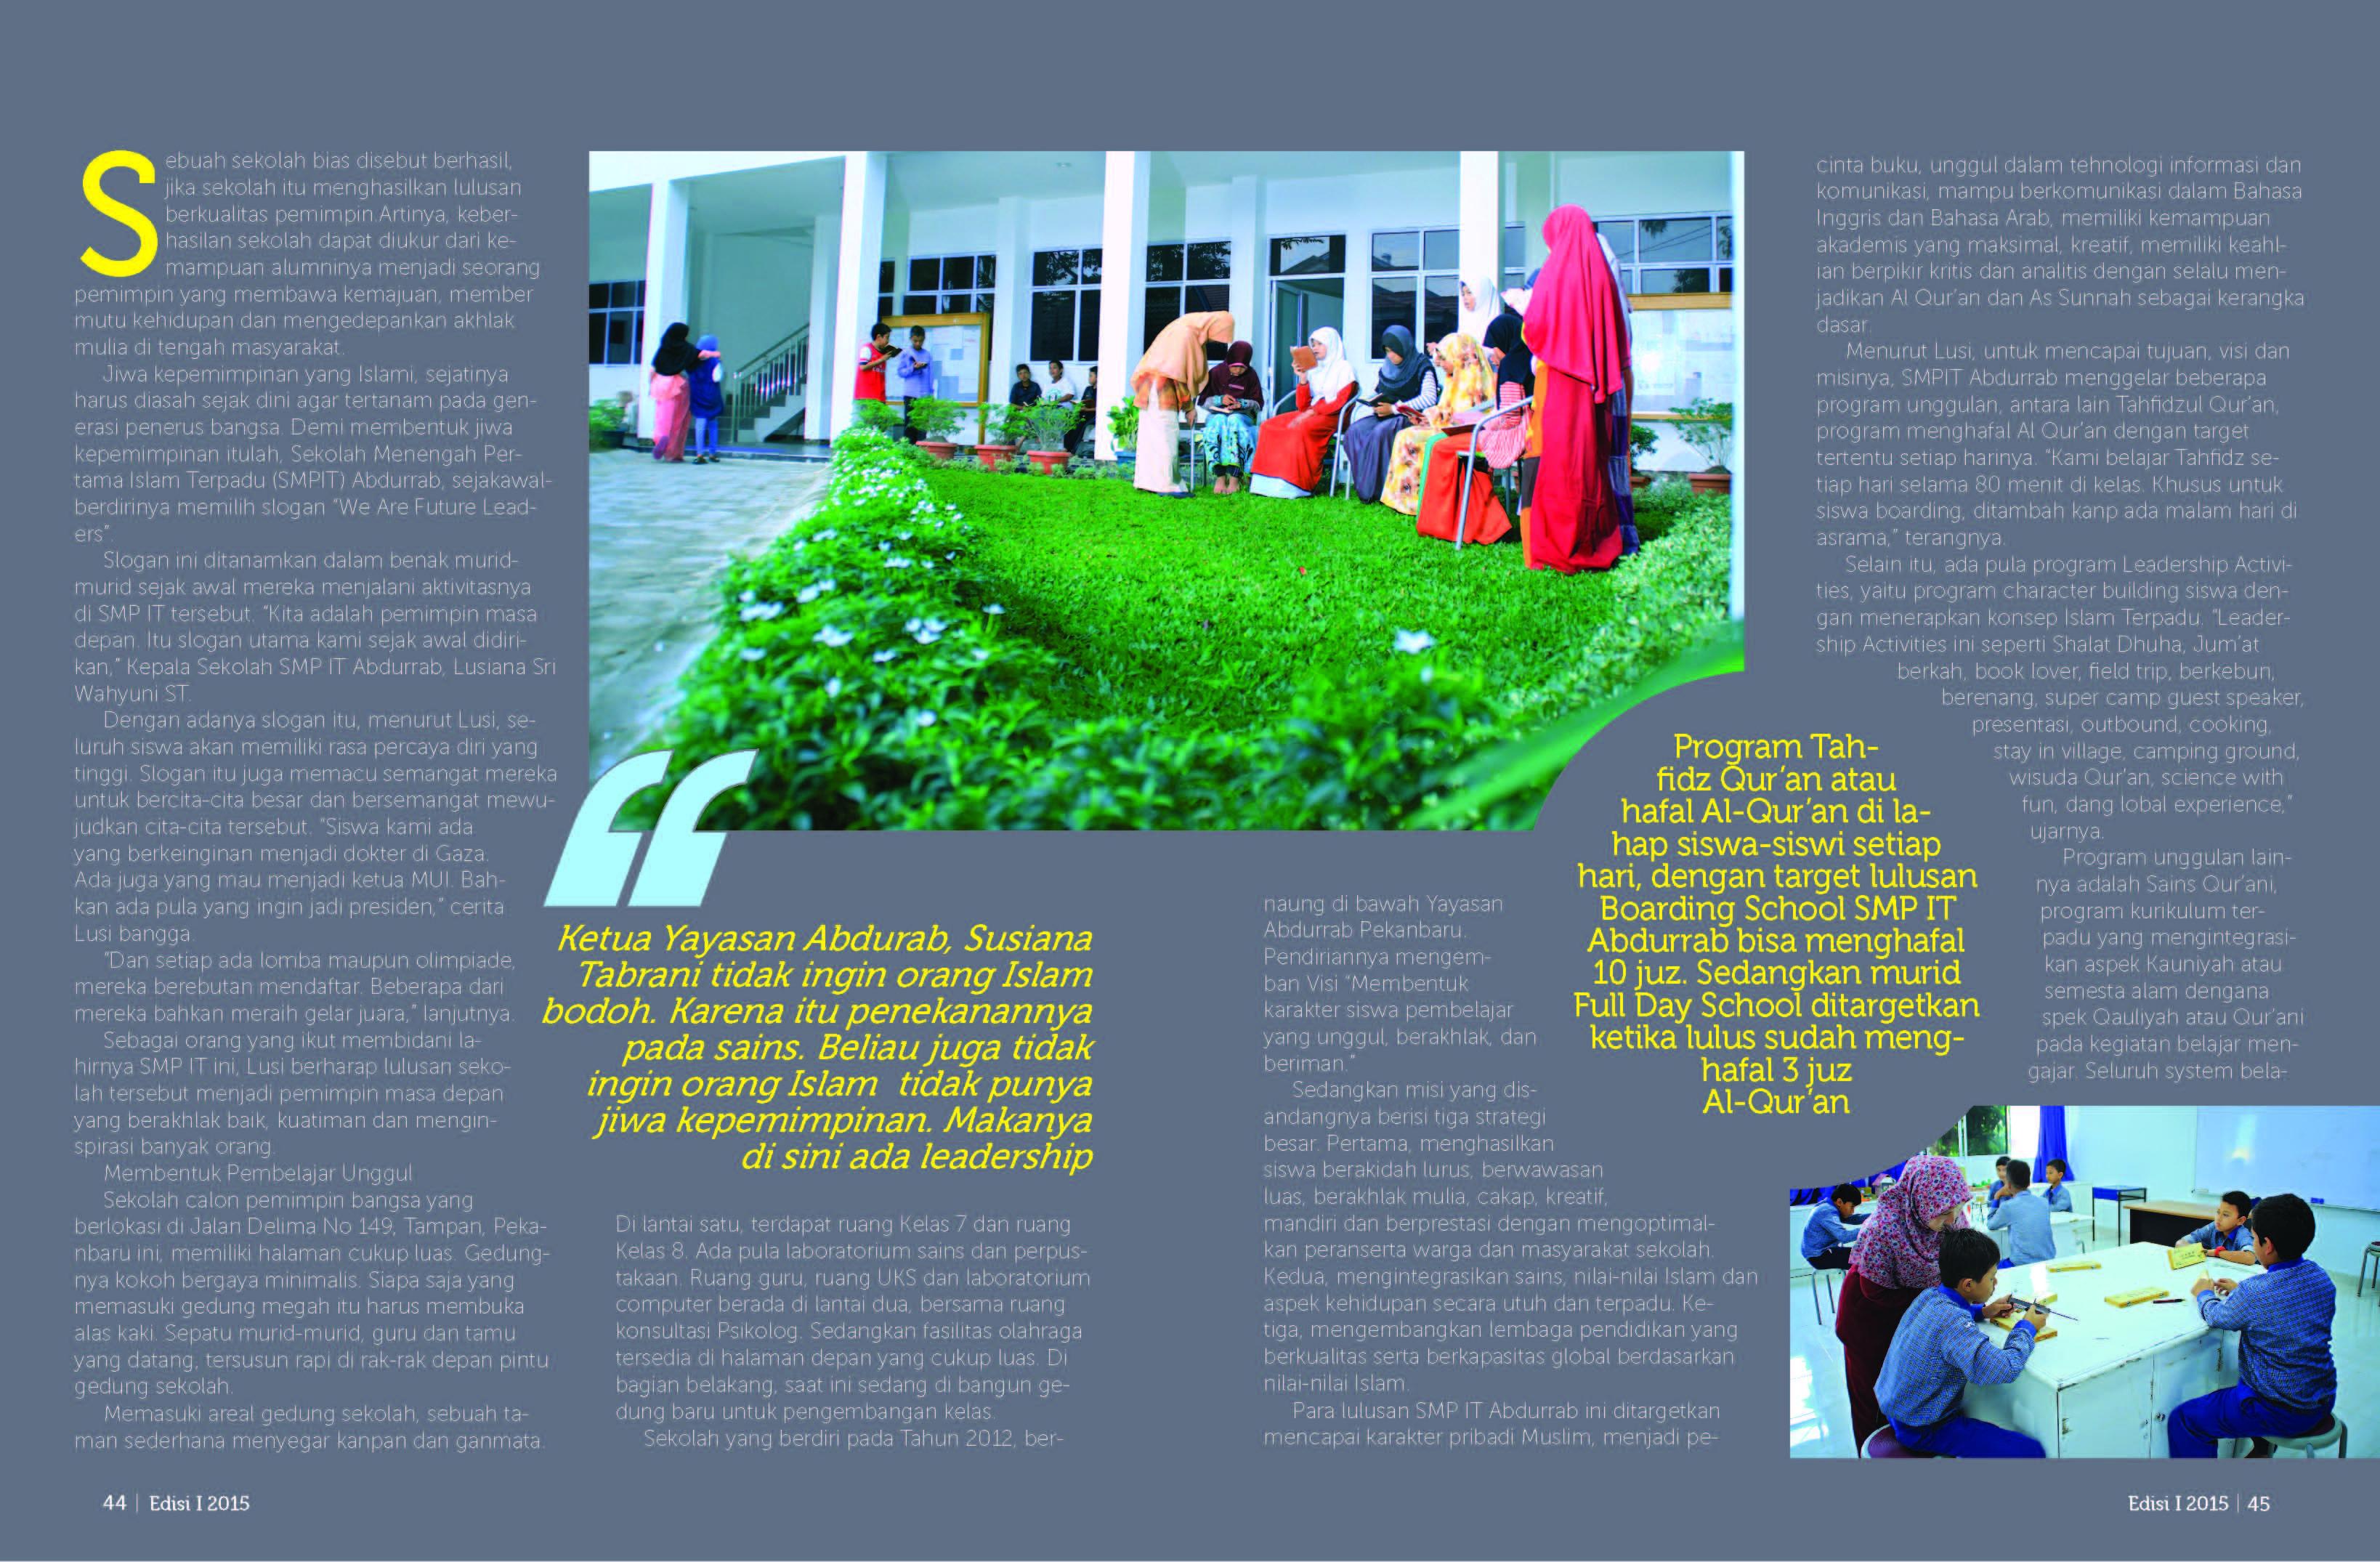 Design Magazine Layout Magazine Tata Letak Majalah Desain Majalah Magazine Design Layout Tataletak Majalah Tahfiz Seko Newspaper Design Design Layout